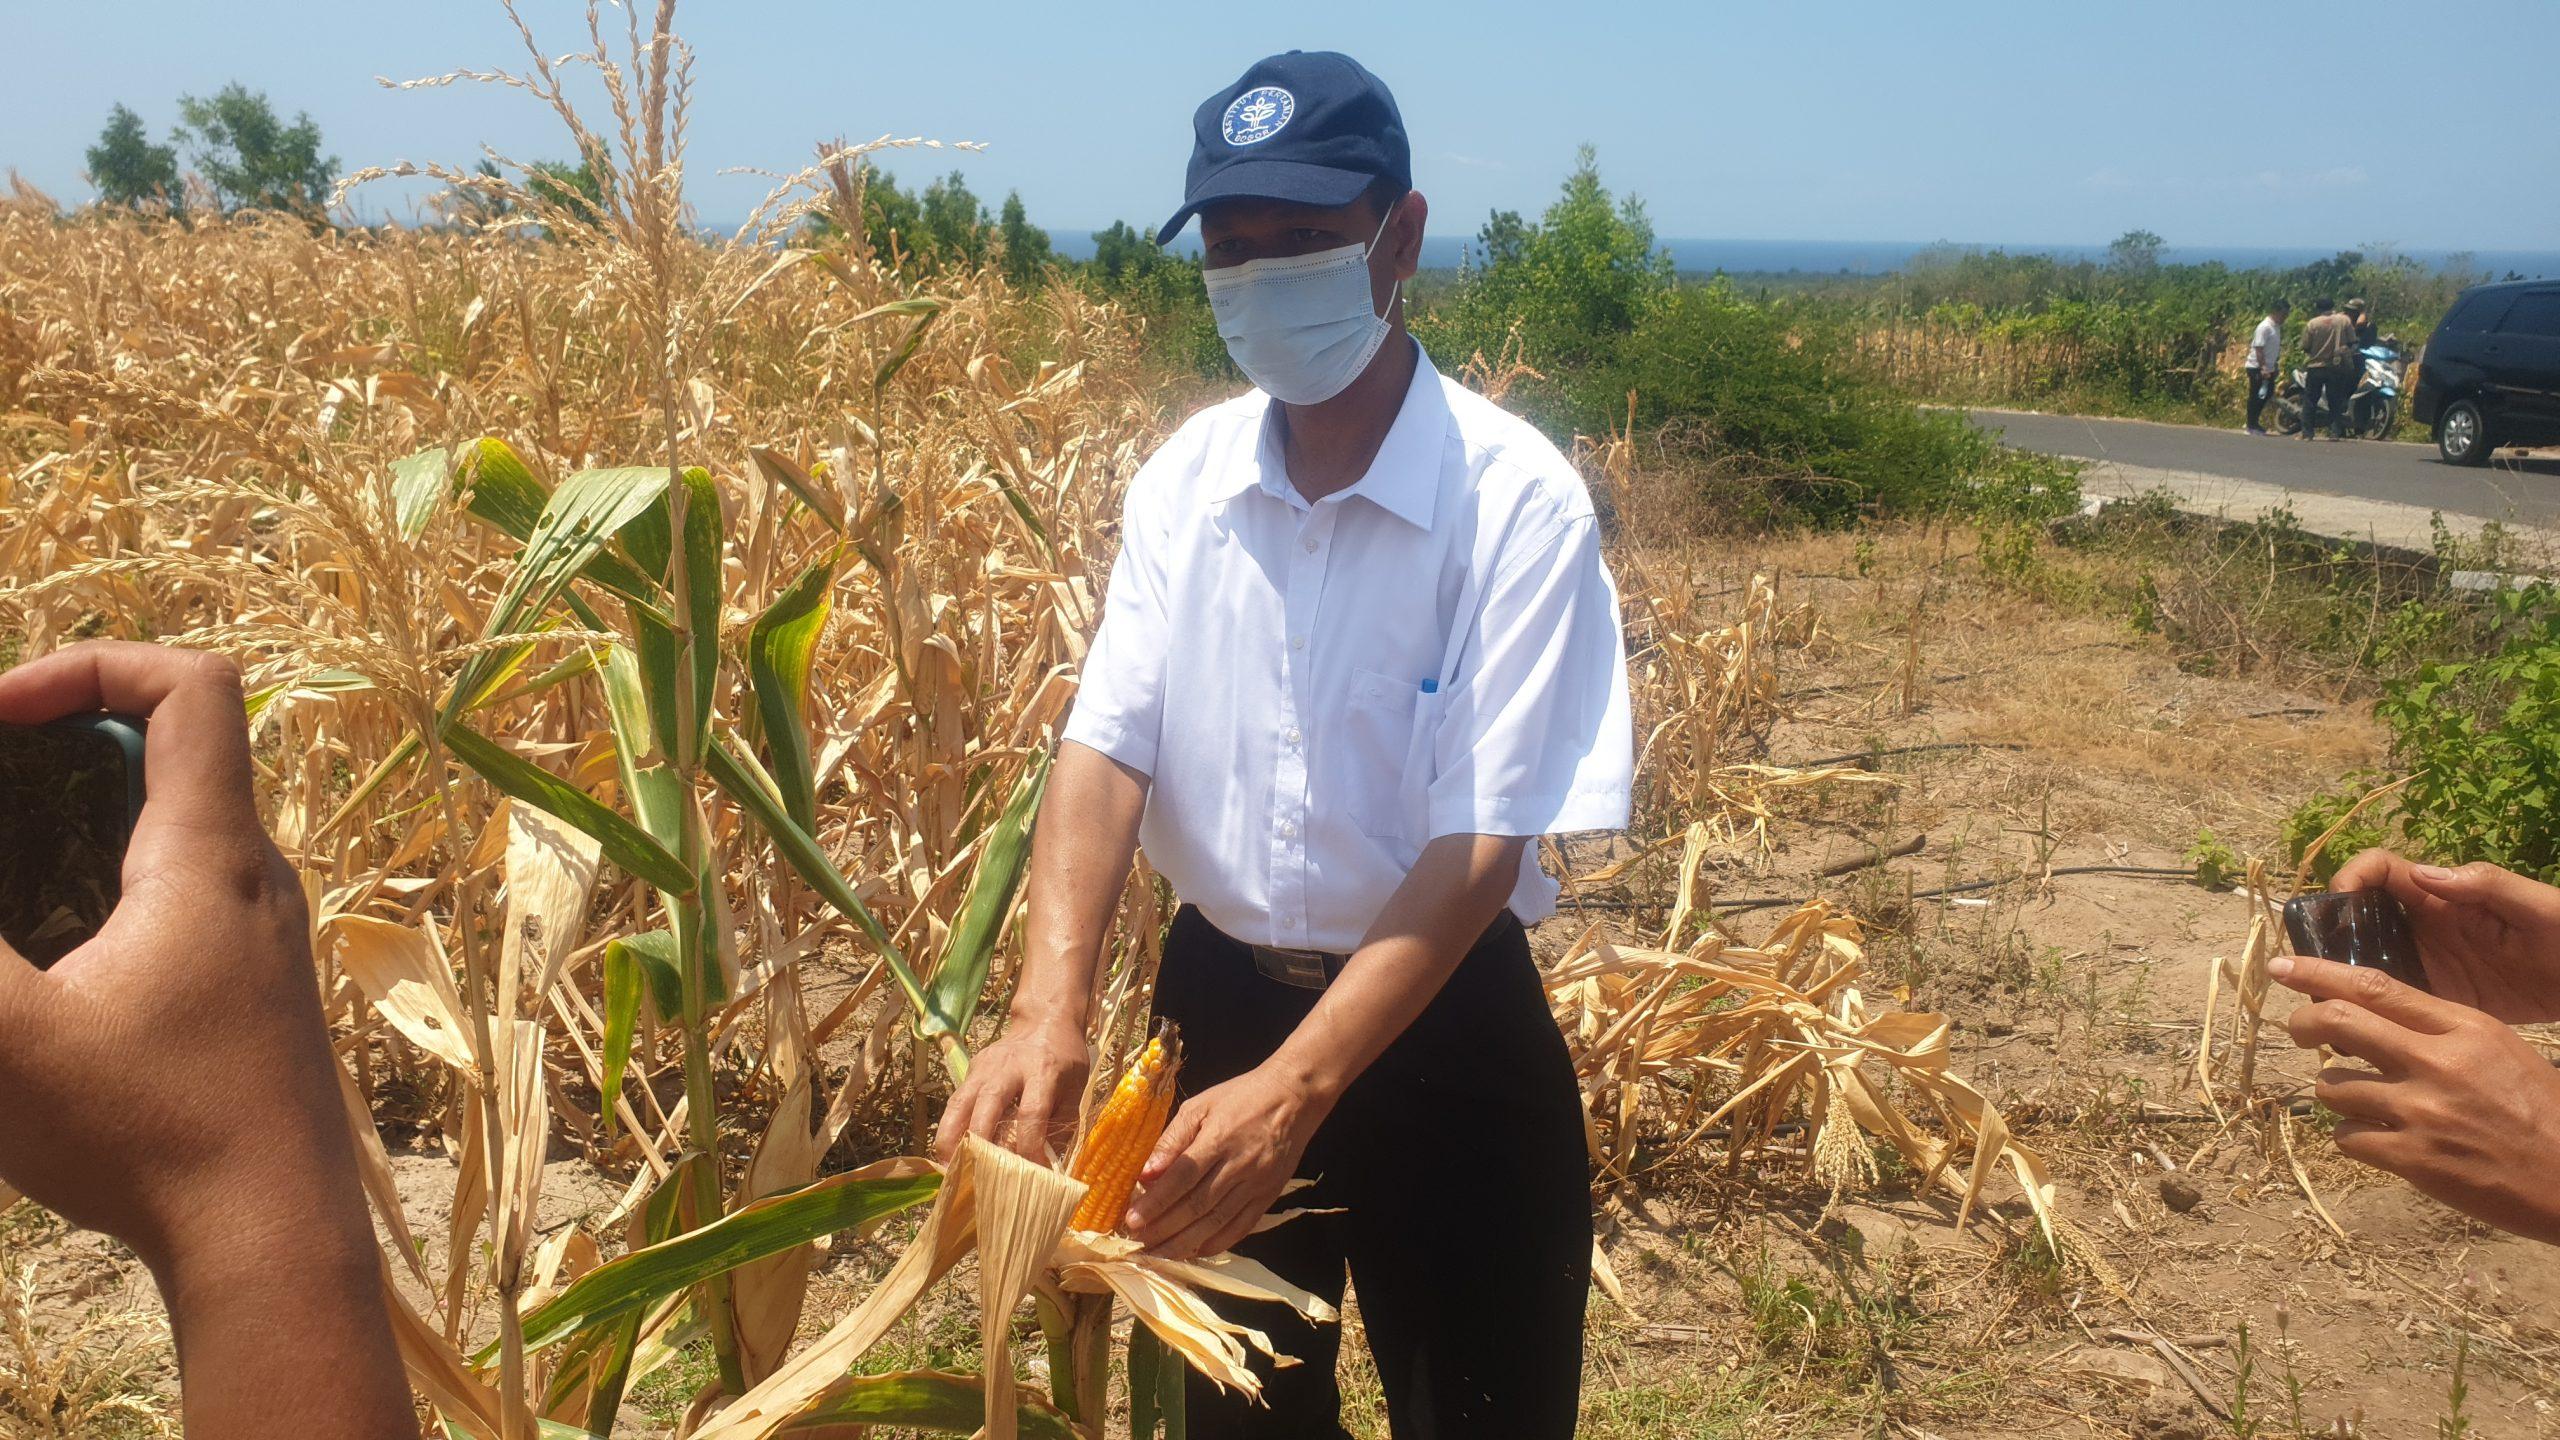 Manfaat Irigasi Tetes, Lahan Non Produktif Berhasil Produksi Jagung